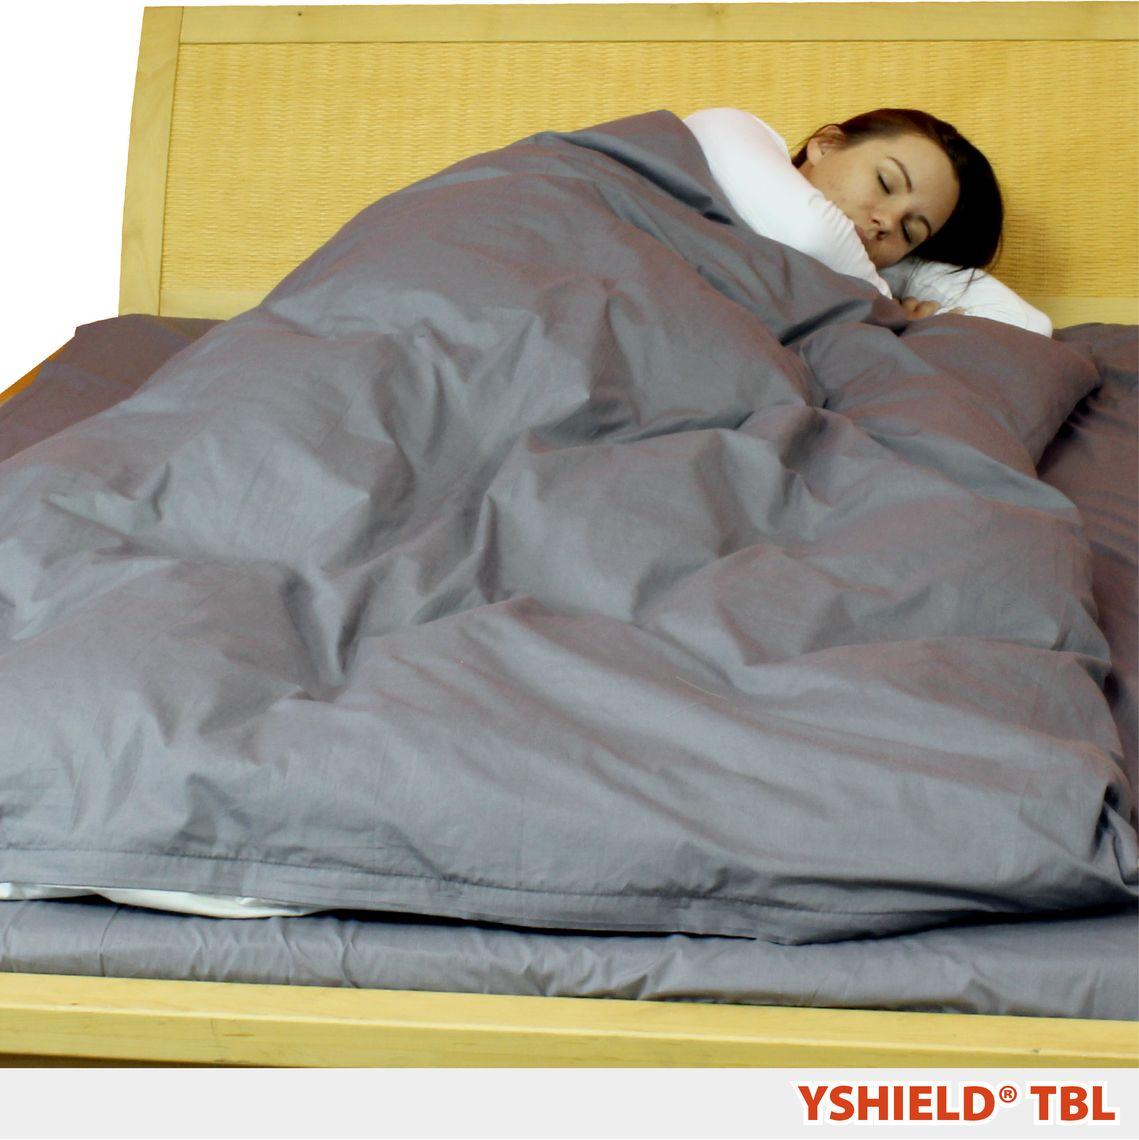 YSHIELD® TBL | Abschirmende Bettwäsche